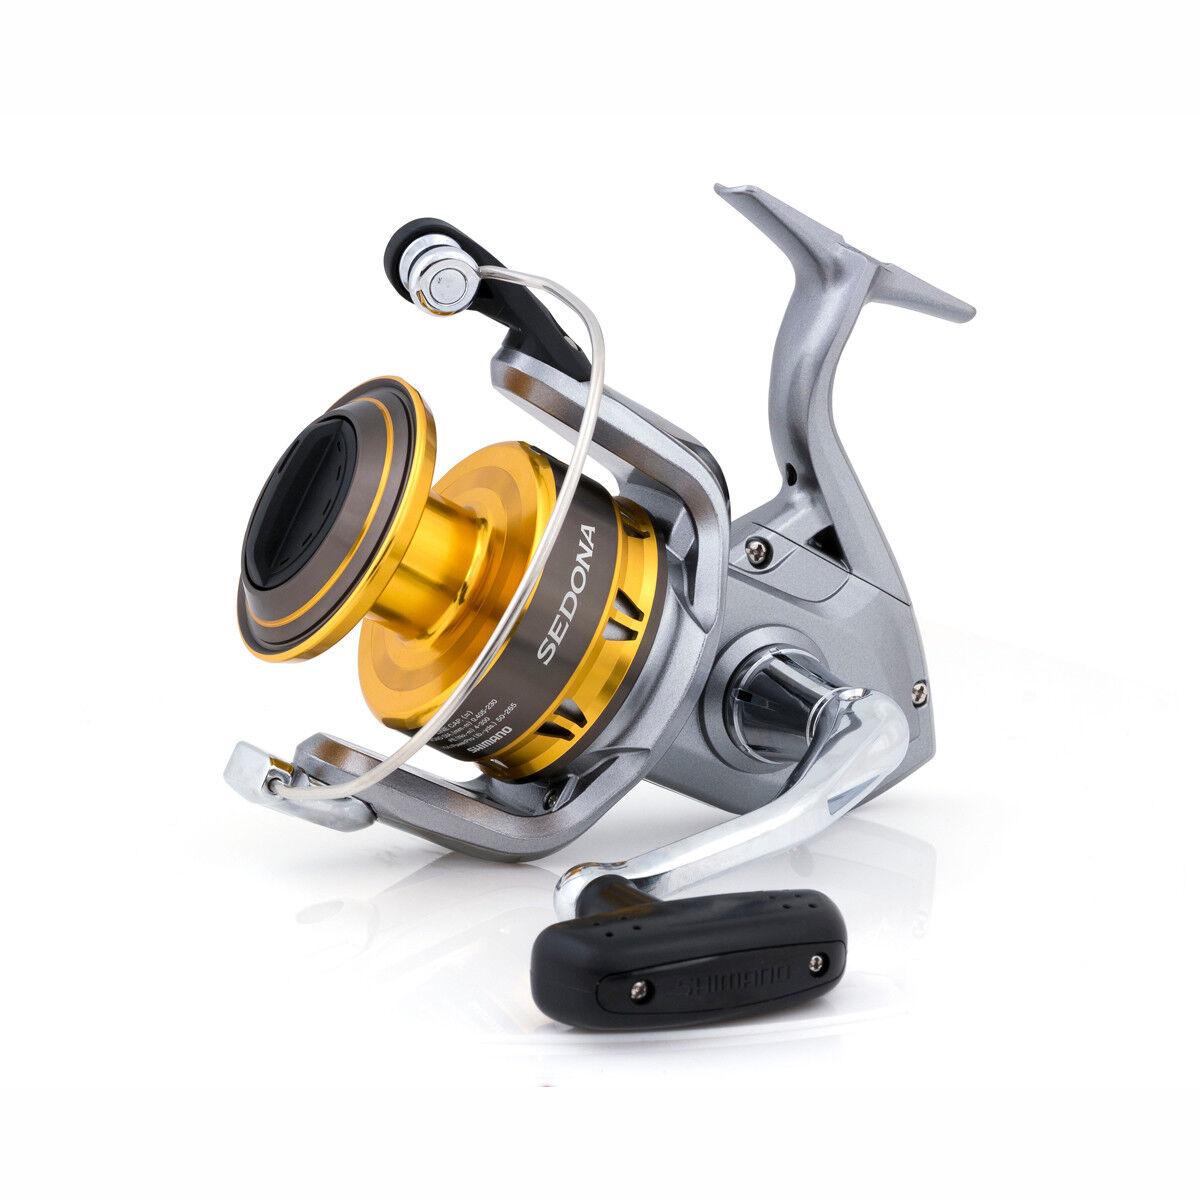 Shimano Sedona FI Pesca della Carpa Spinning Mulinelli HAGANE Gear trascinamento frontale 2000 - 4000